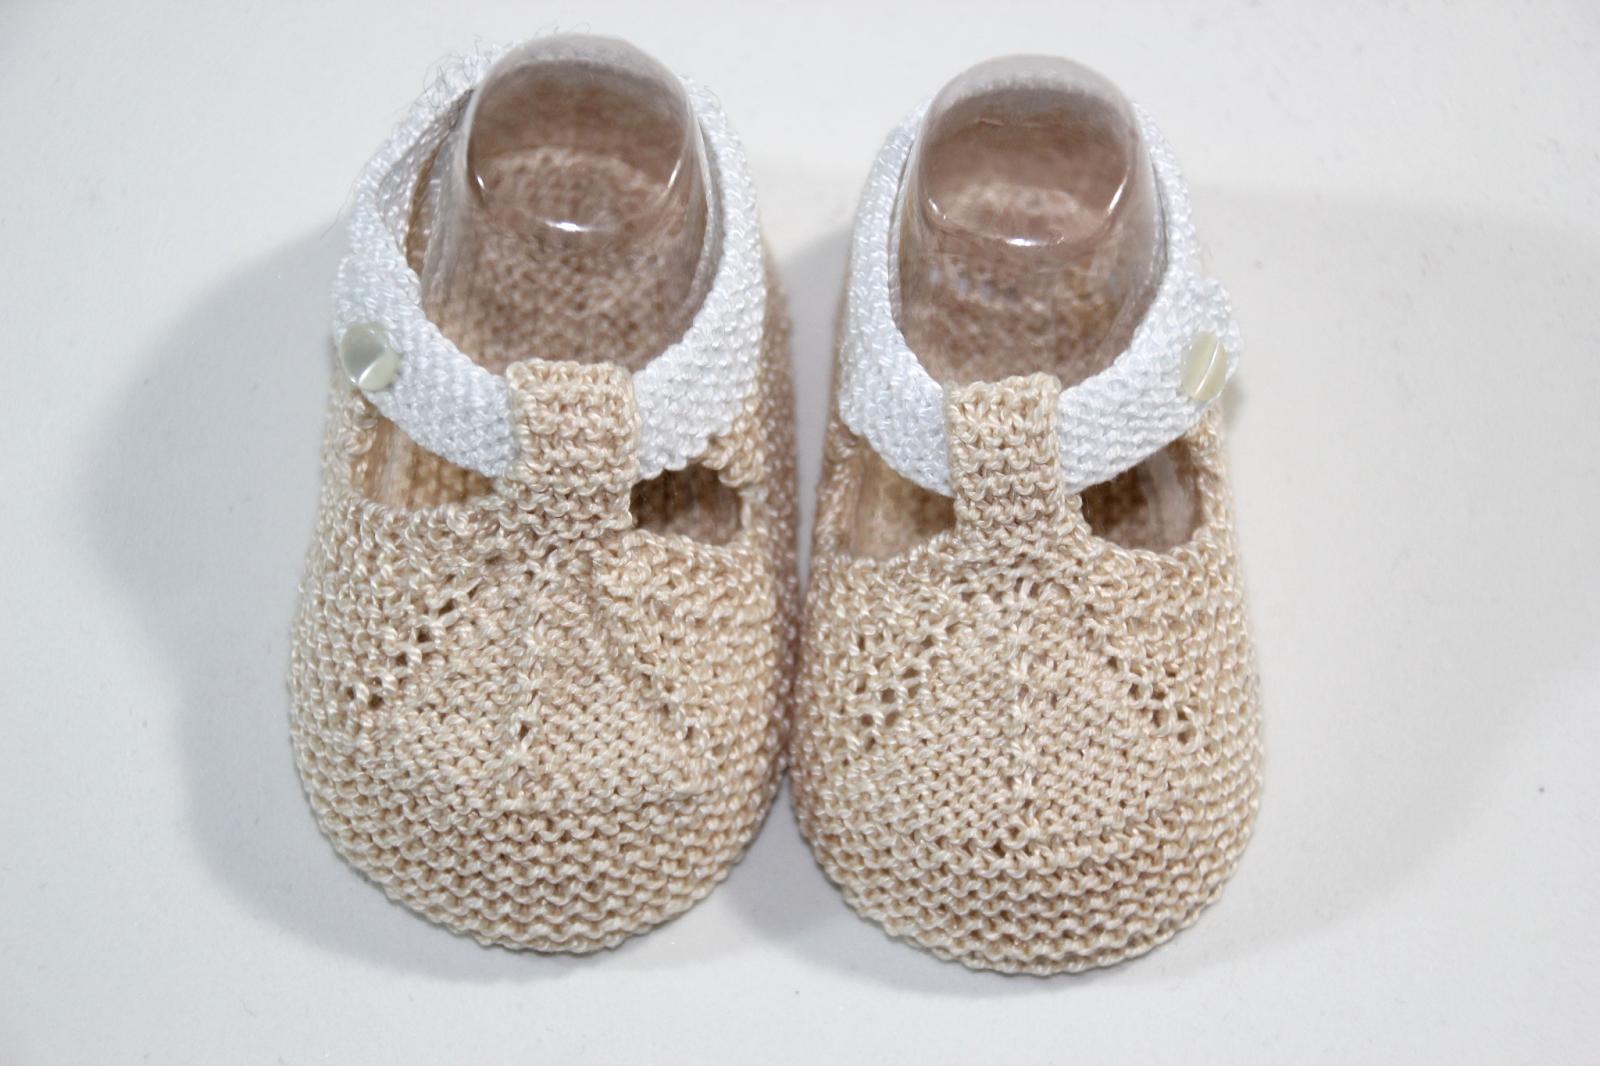 6 patrones gratis de patucos de bebe diy | Manualidades | Pinterest ...